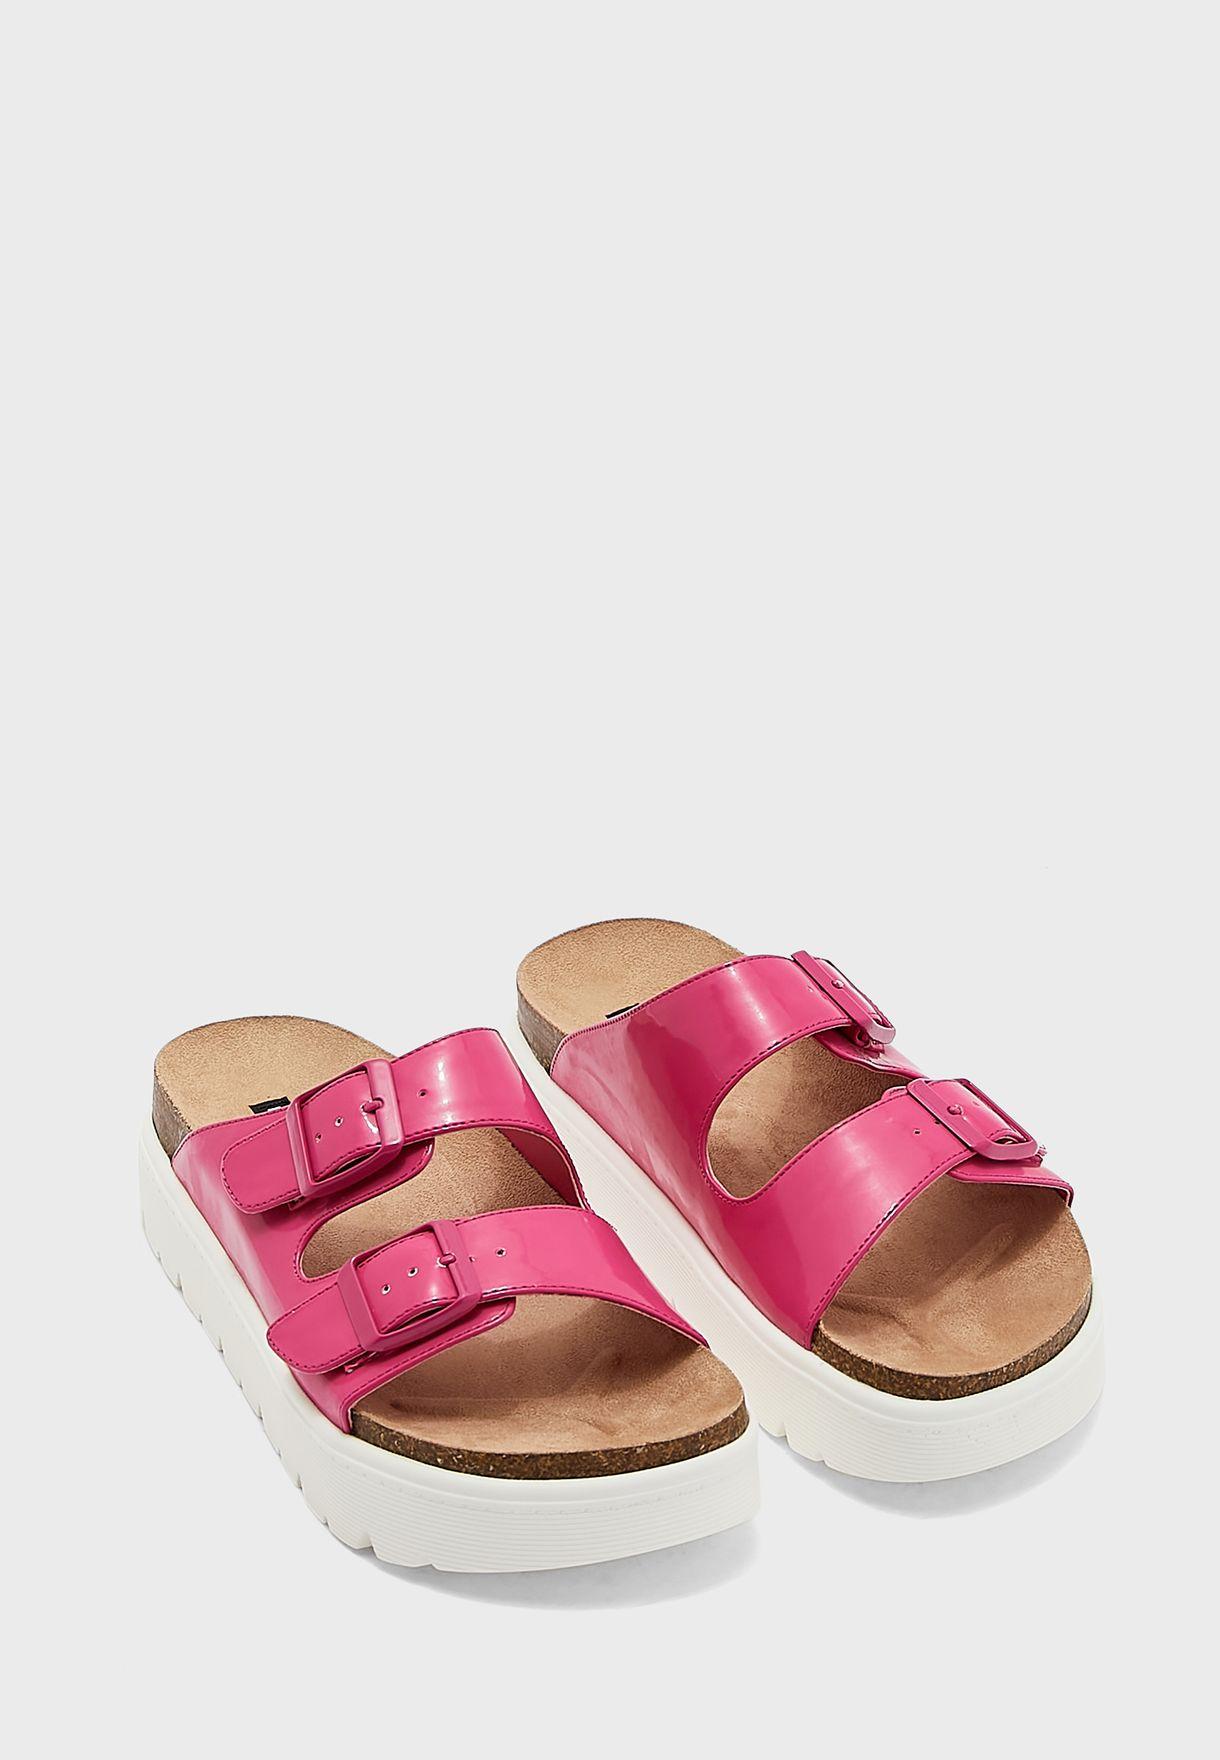 Simple3 Buckle Low-Heel Sandals